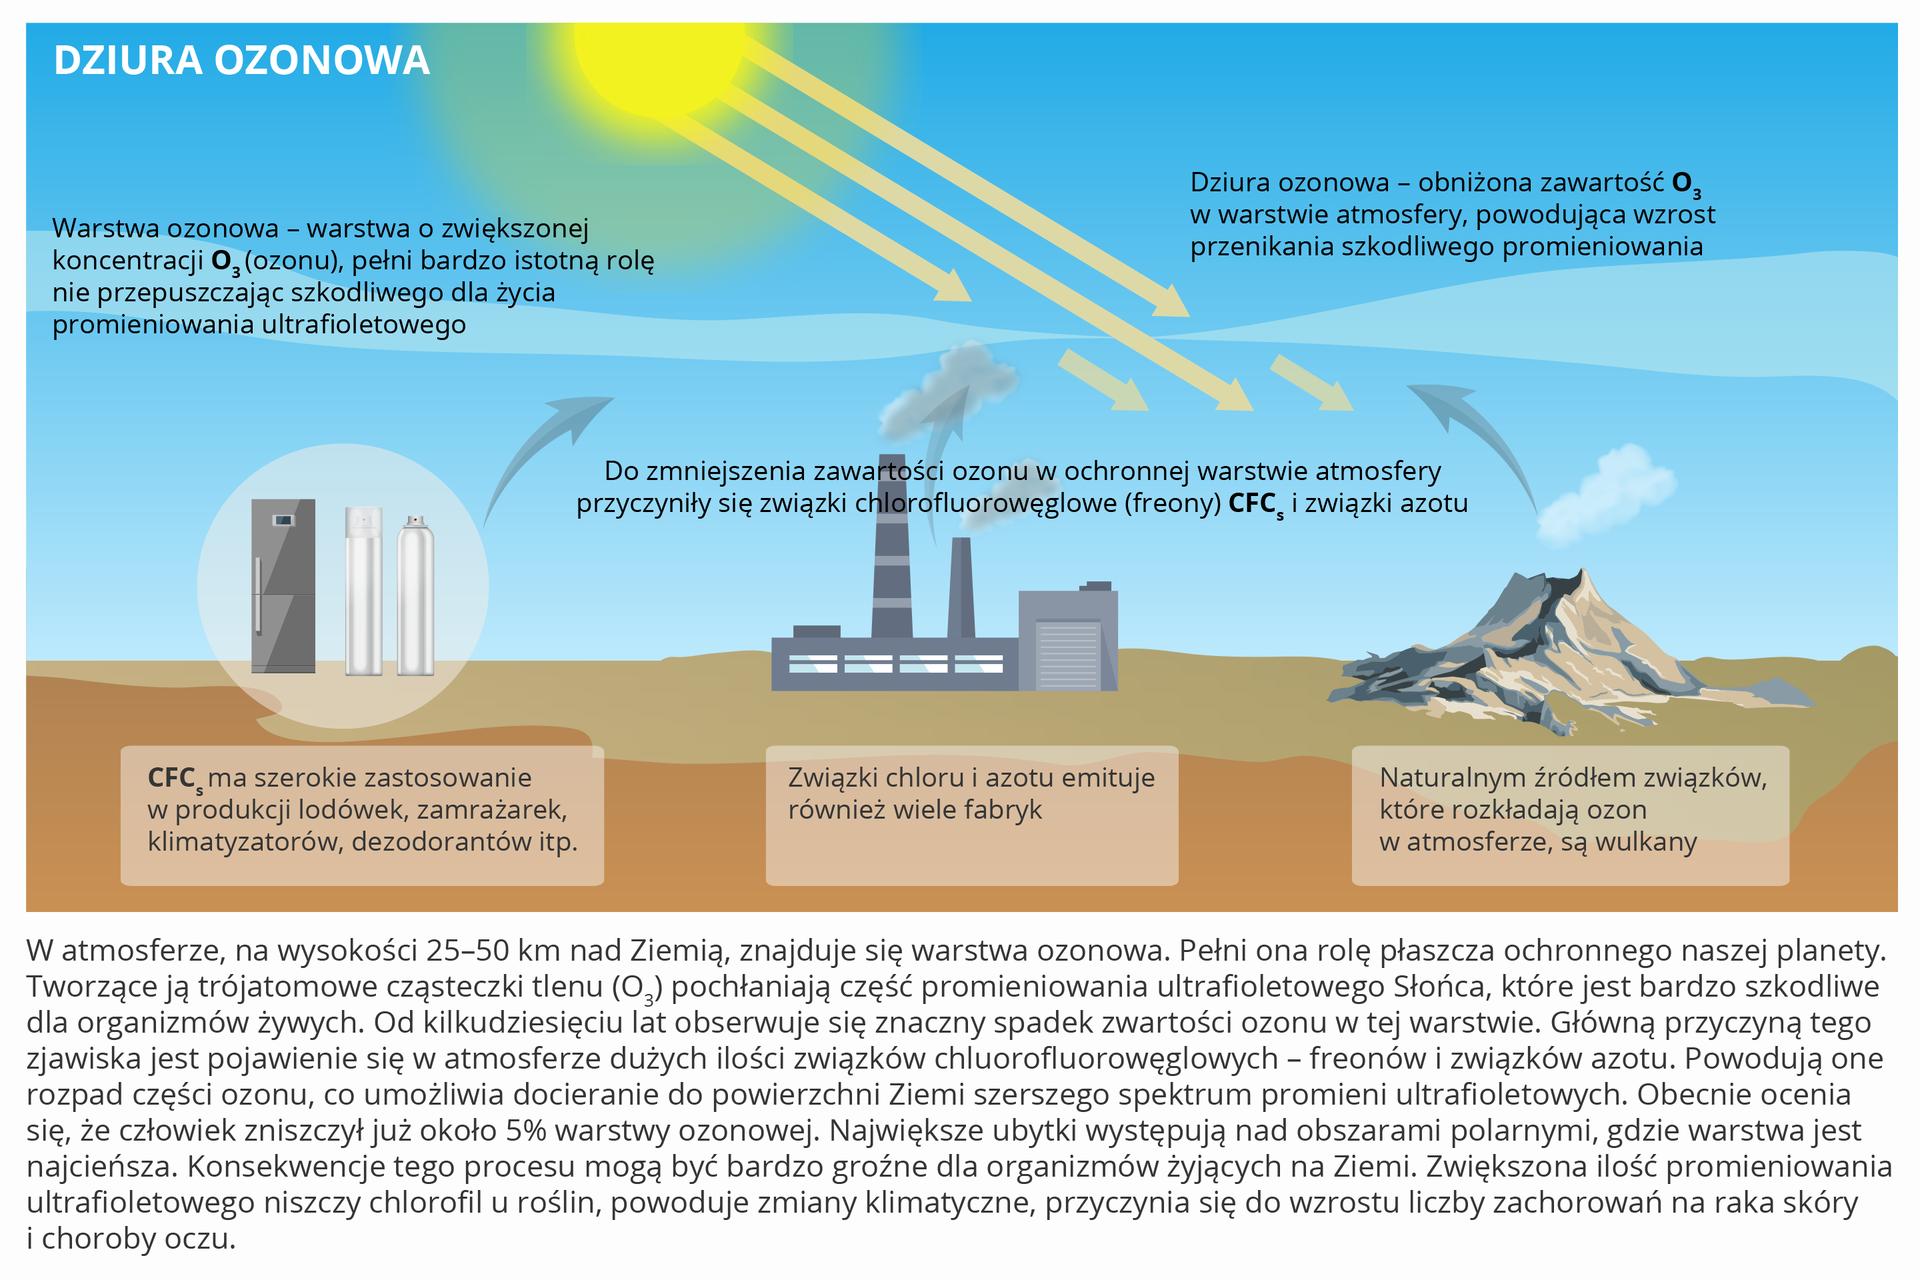 Na ilustracji elementy przyczyniające się do zmniejszenia zawartości ozonu wochronnej warstwie atmosfery – lodówki, dezodoranty – związki freonu, przemysł – związki chloru iazotu, wulkany. Obniżona zawartość ozonu wwarstwie atmosfery powoduje przenikanie szkodliwego promieniowania.